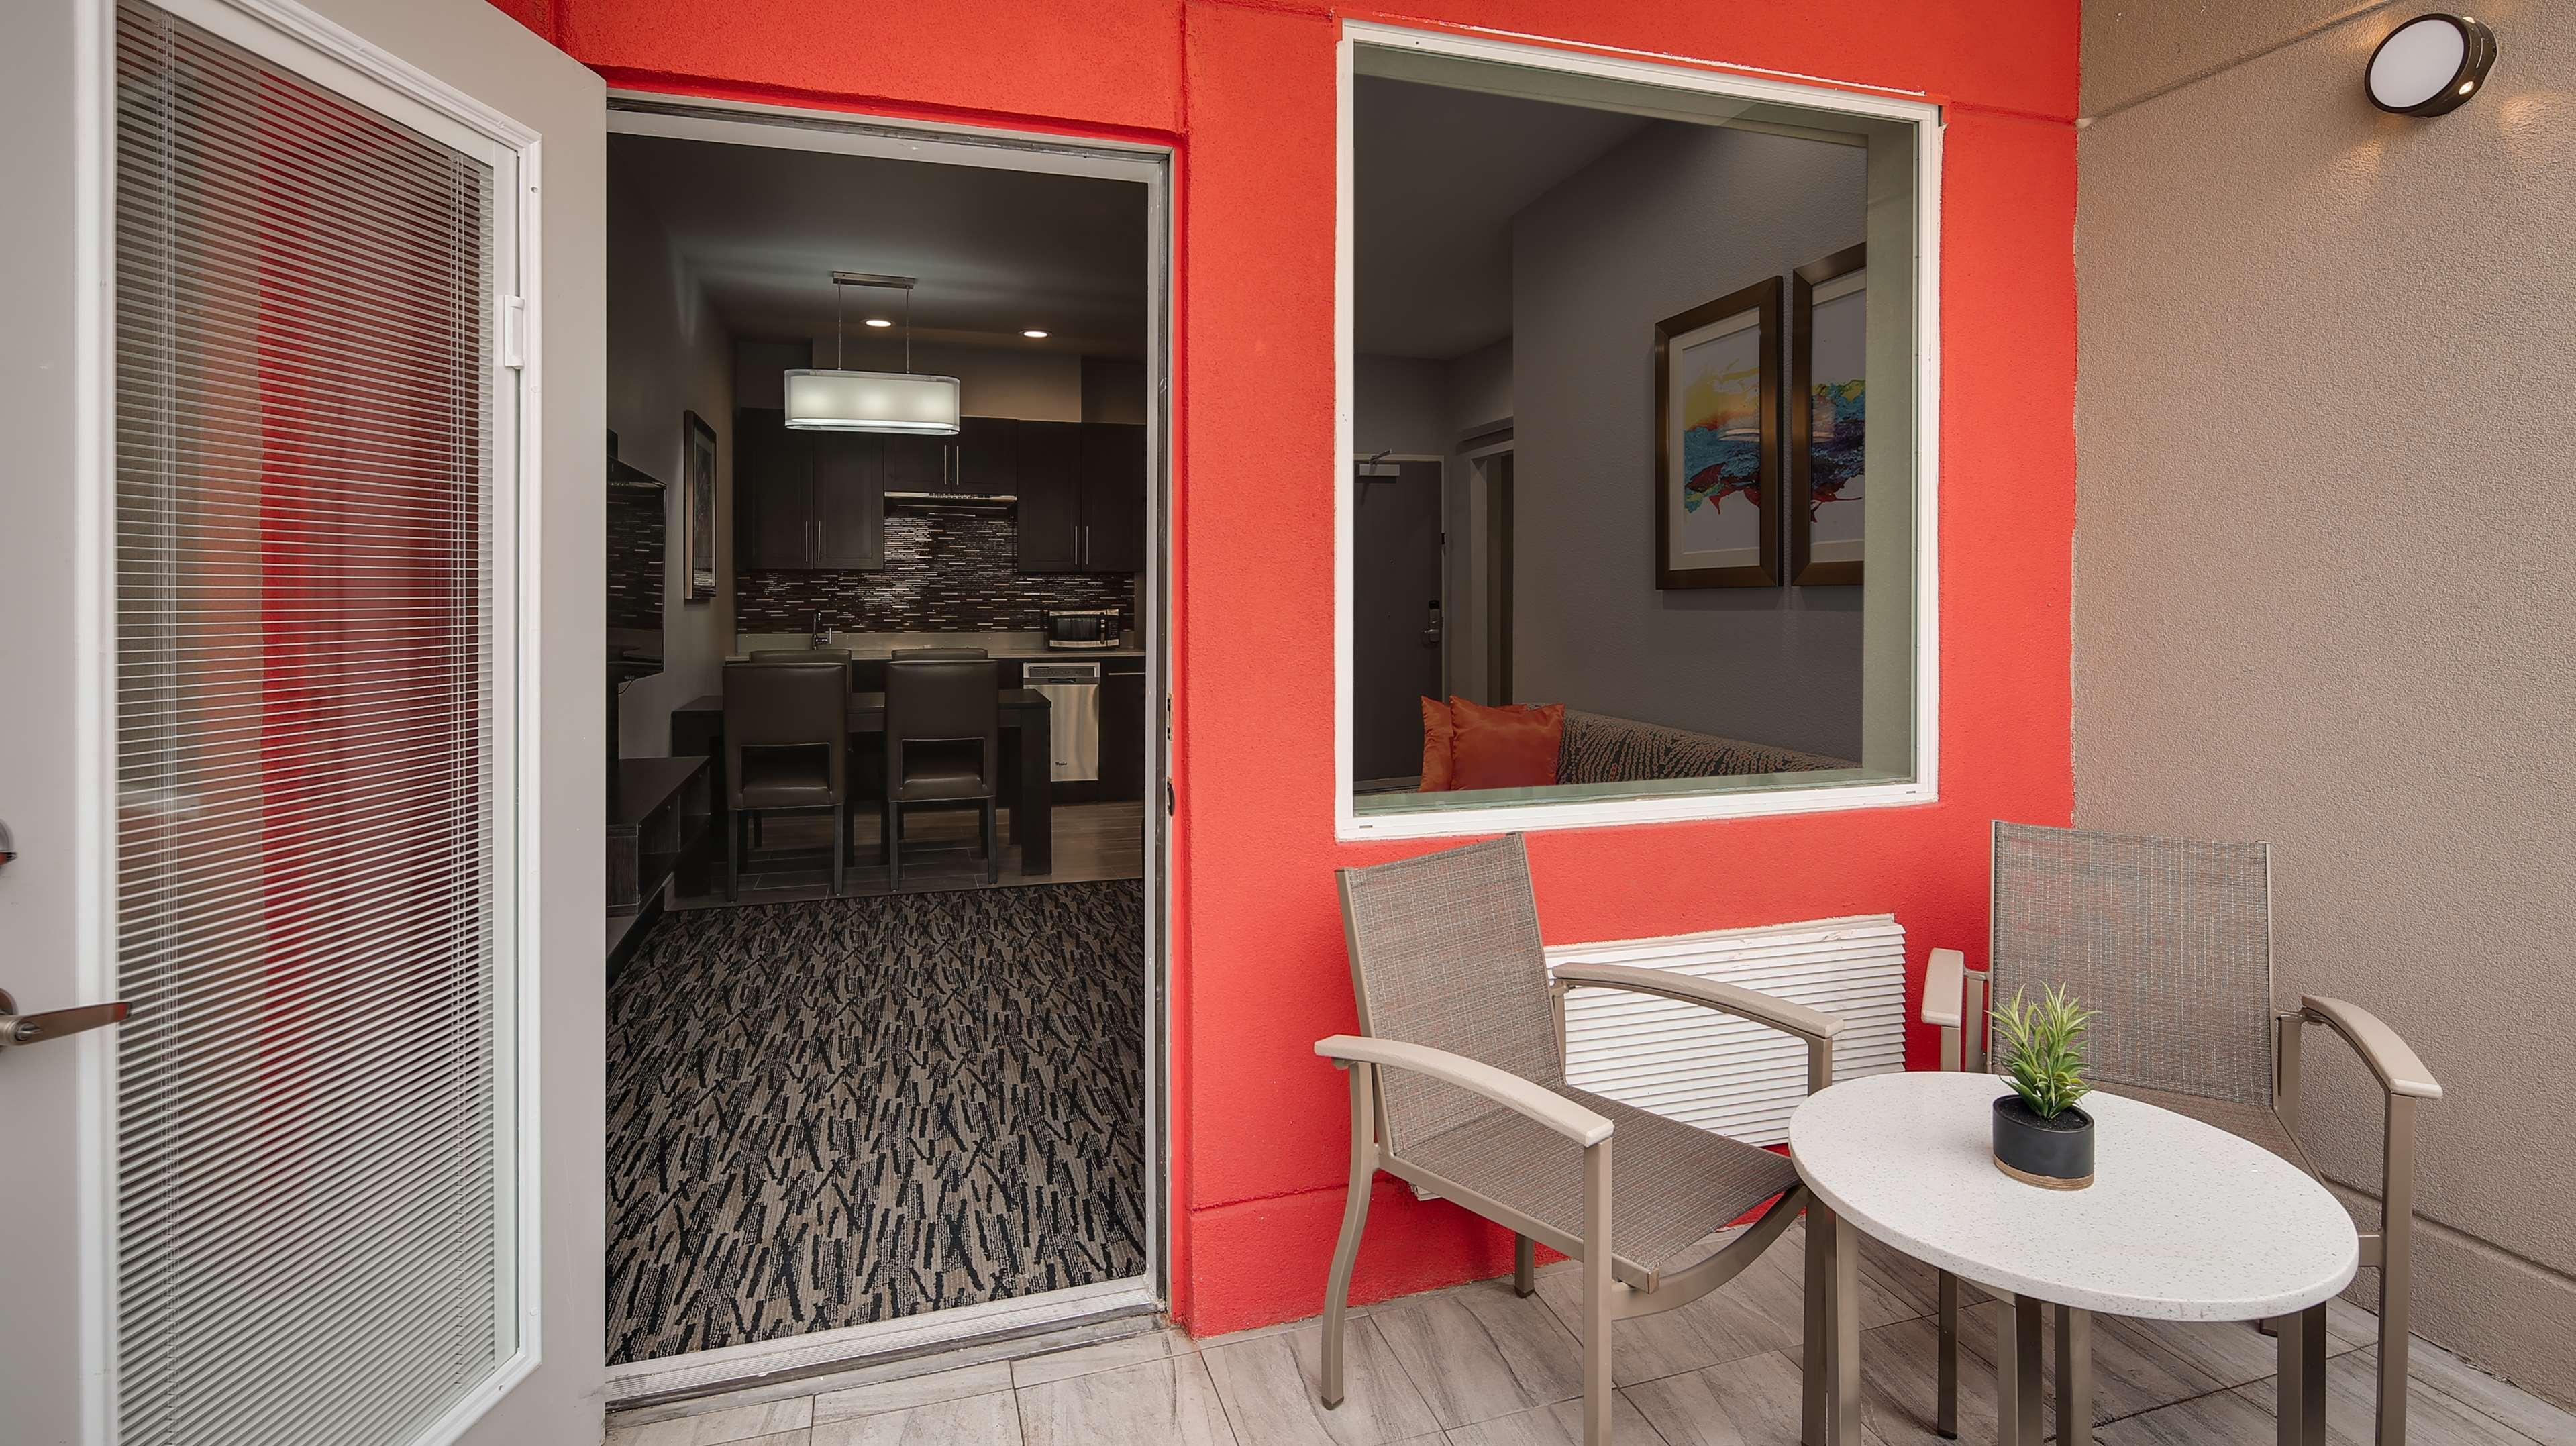 Best Western Plus Executive Residency Baytown image 42